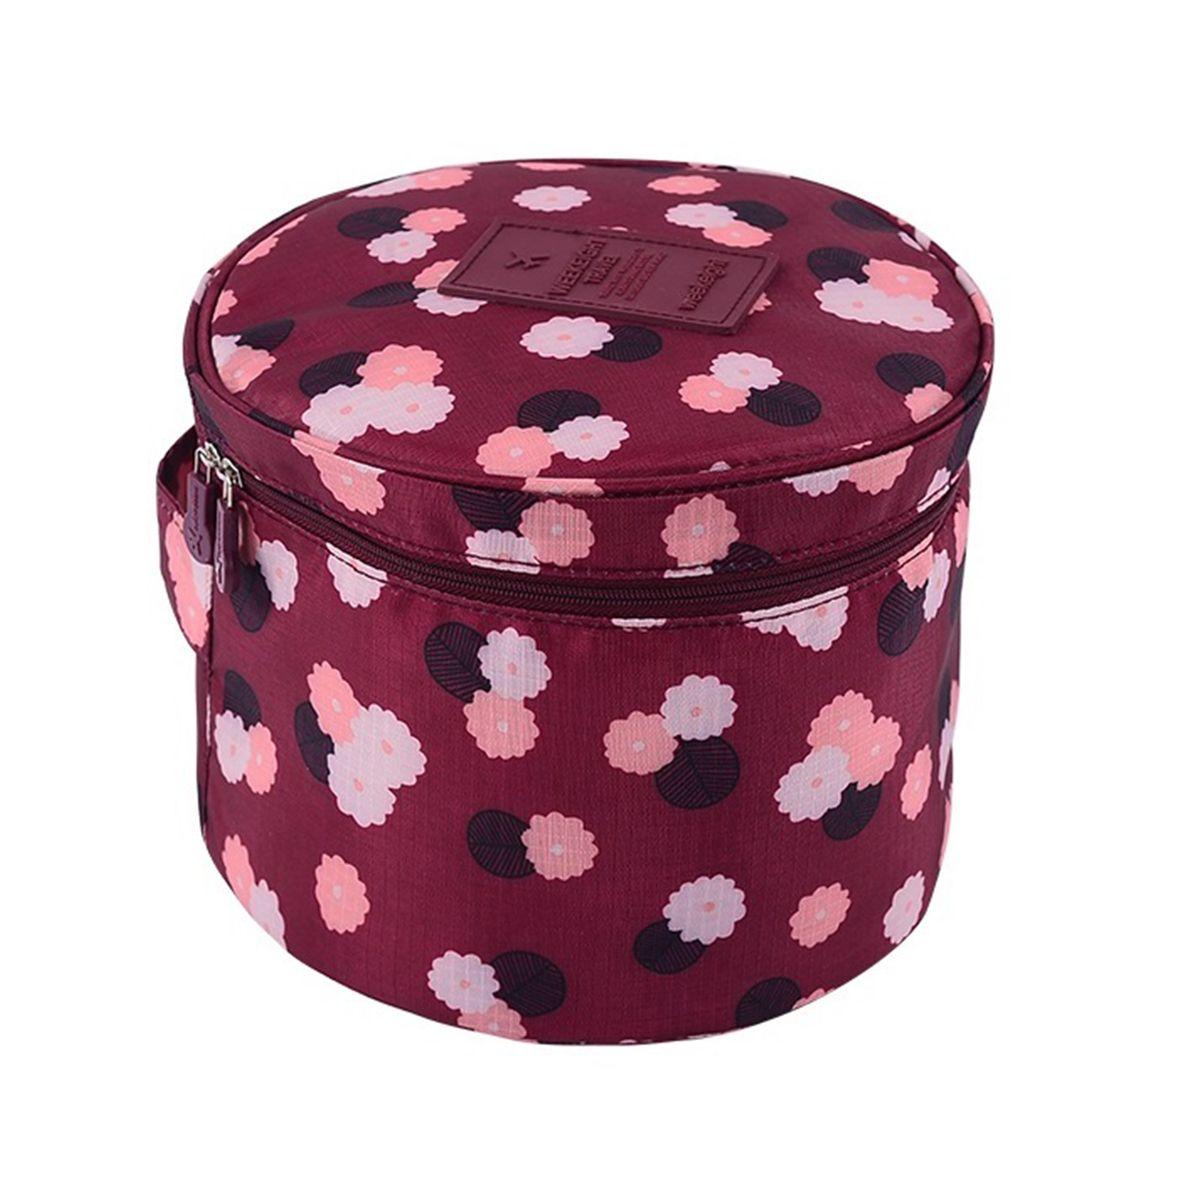 Органайзер для хранения Homsu Цветок, цвет: бордовый, белый, розовый, 19 x 19 x 14 смES-412Органайзер для хранения Homsu Цветок выполнен из высококачественного полиэстера. Изделие круглой формы имеет множество карманов внутри, что позволяет удобно организовать хранение косметики, и других мелких предметов. Органайзер обладает высоким качеством материала и стильным дизайном. Сверху органайзера имеется ручка для переноски.